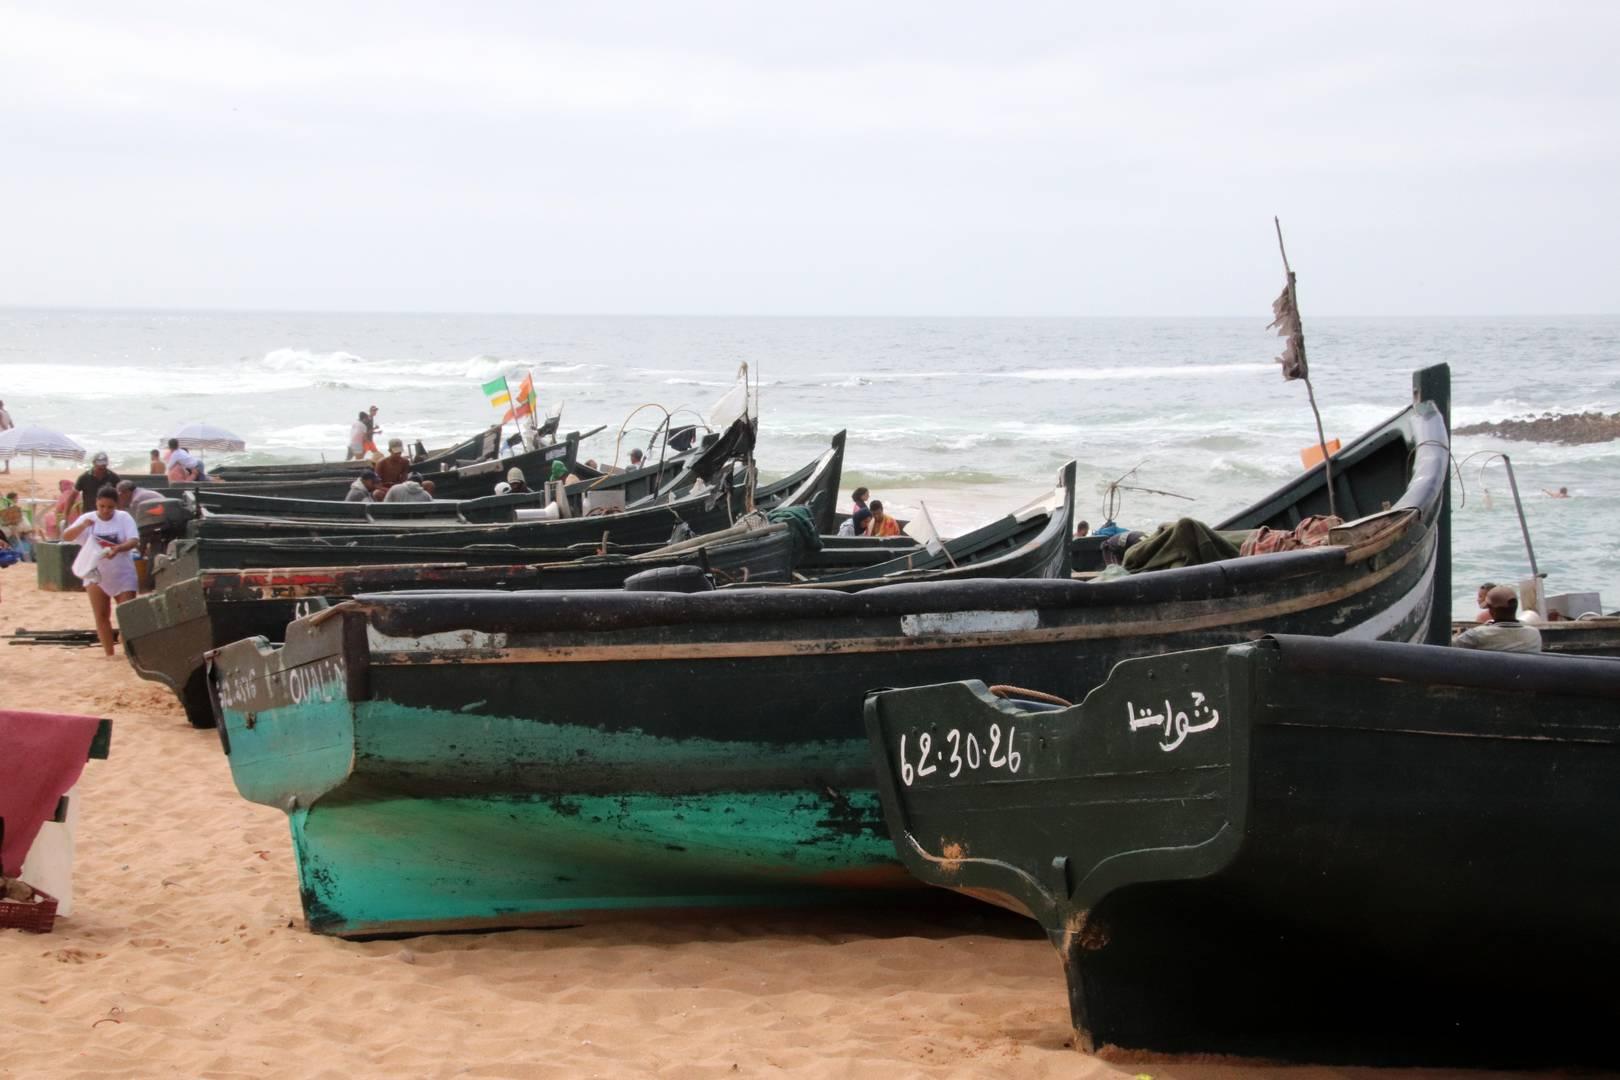 Maroc - Bateaux sur la plage de Oualidia